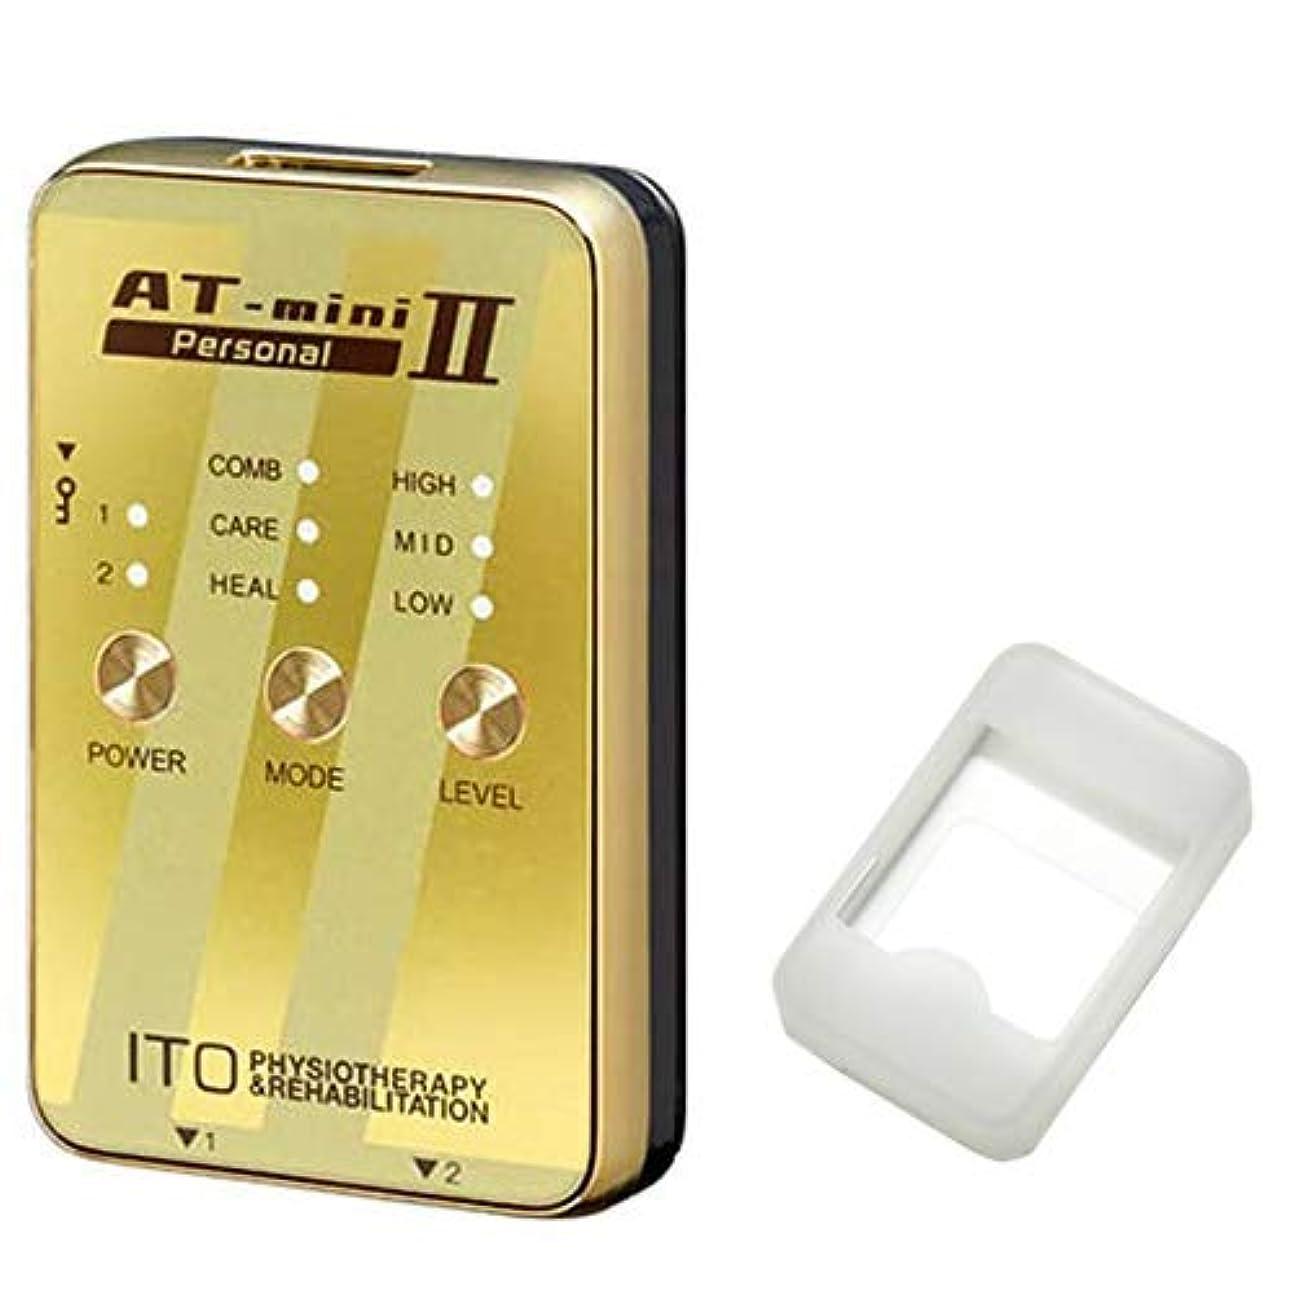 カイウス司教ばかげている低周波治療器 AT-mini personal II ゴールド (ATミニパーソナル2) + シリコン保護ケース